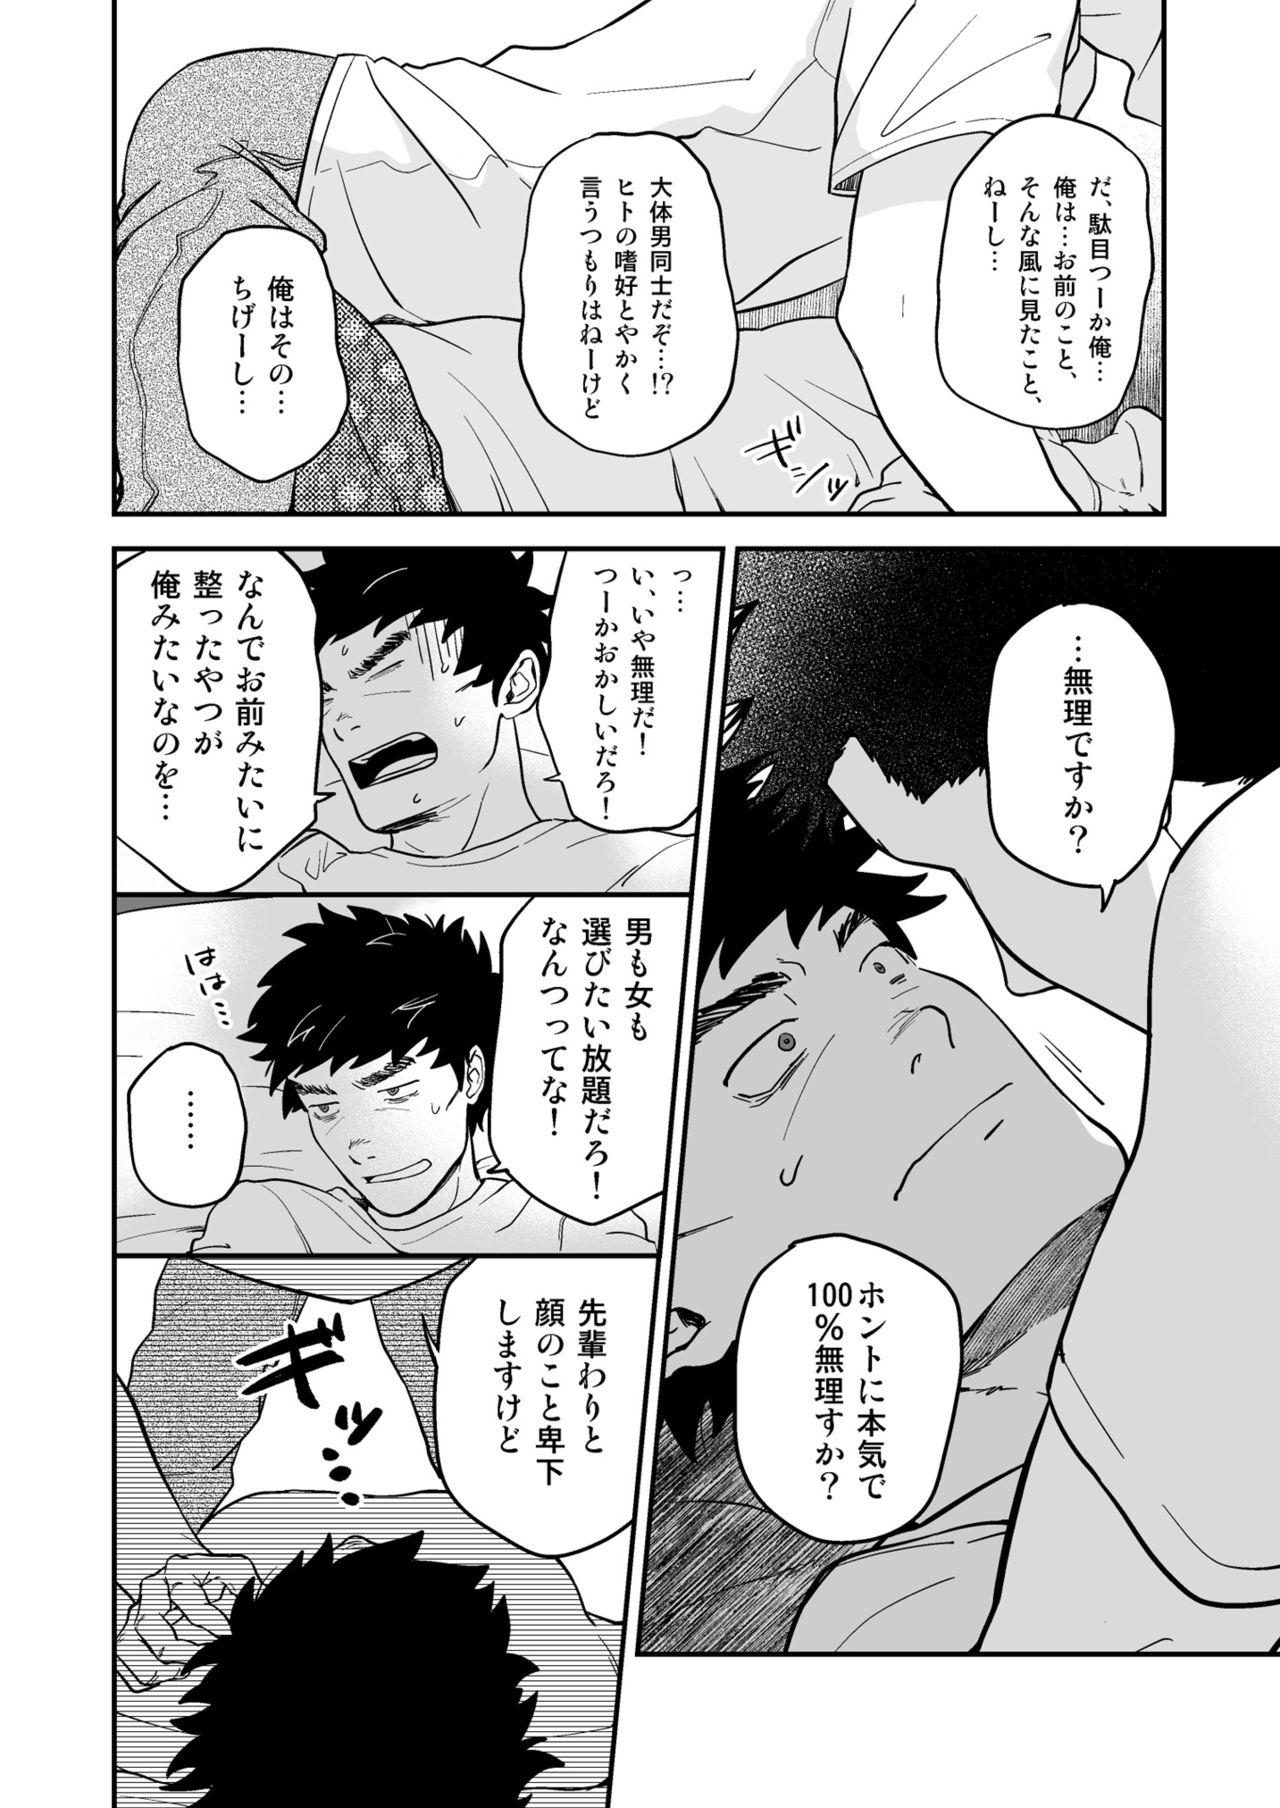 Endou to Senpai 4